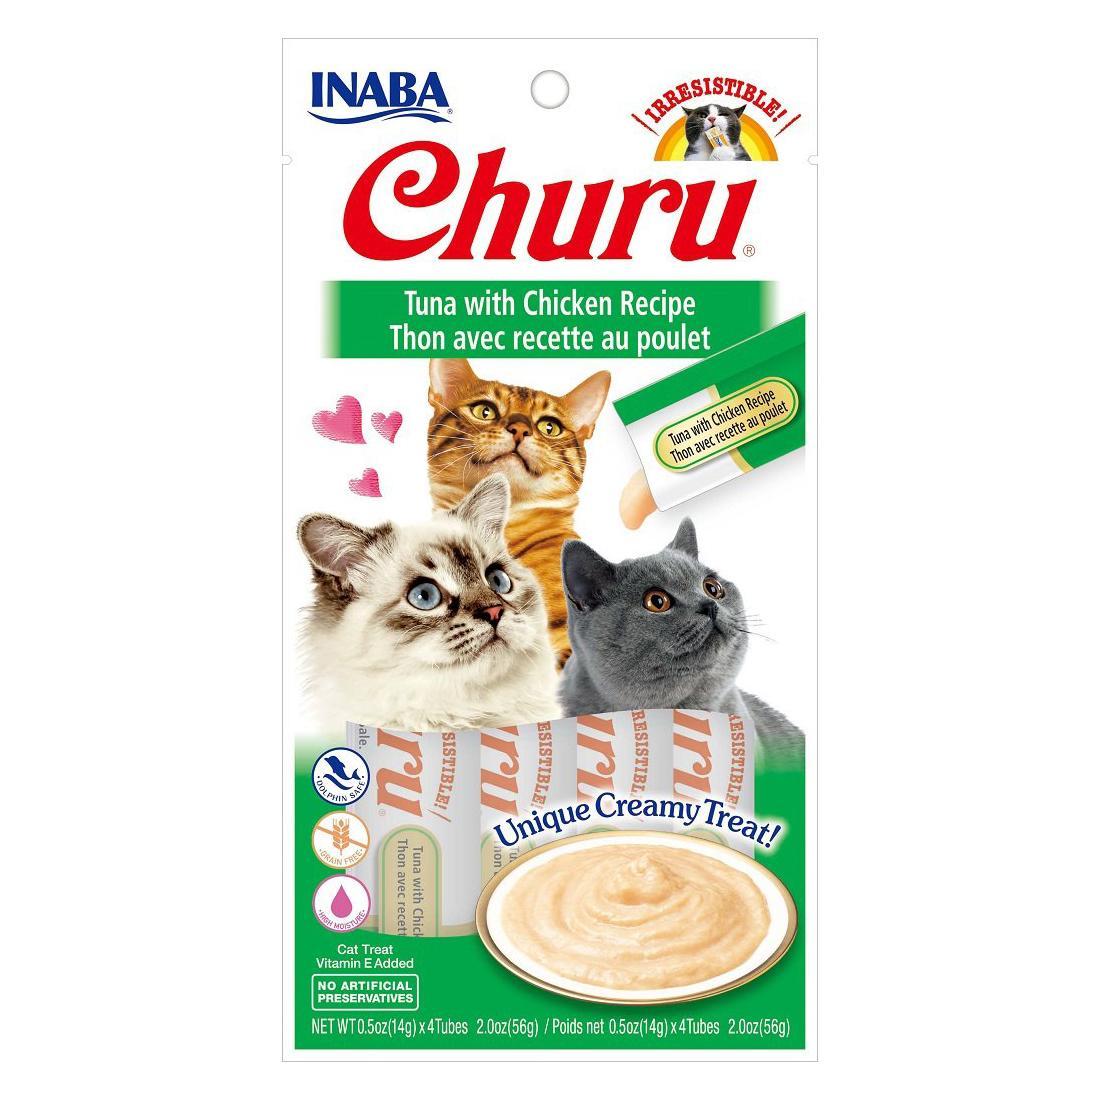 Inaba Churu Puree Grain-Free Cat Treats - Tuna & Chicken